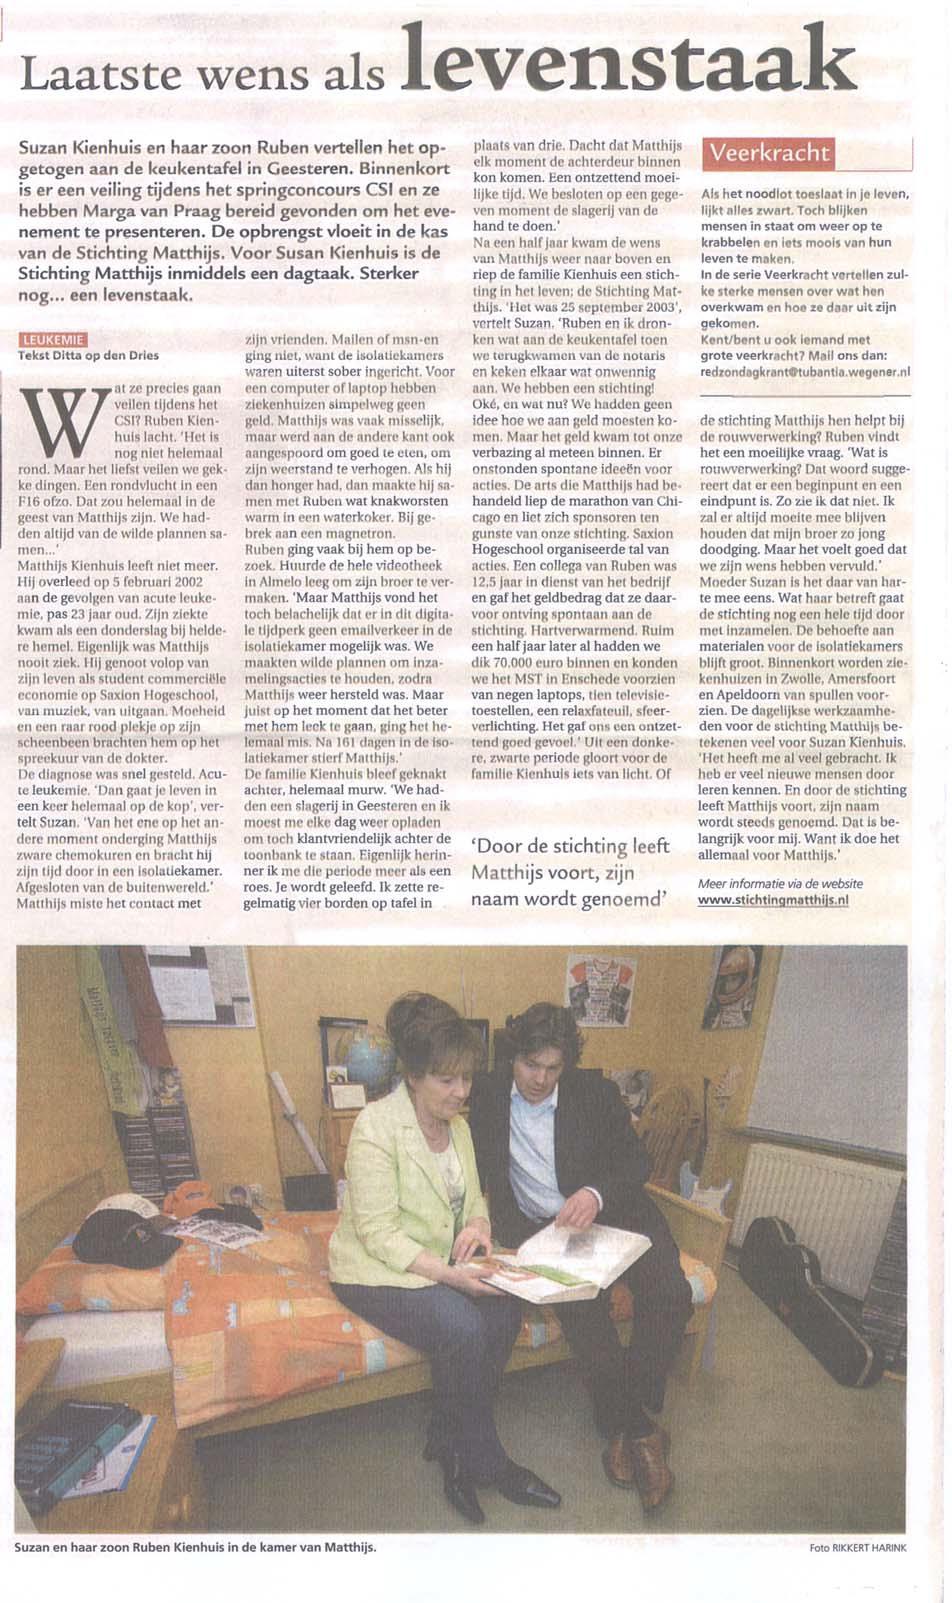 Persbericht 2006 - laatste wens als levenstaak